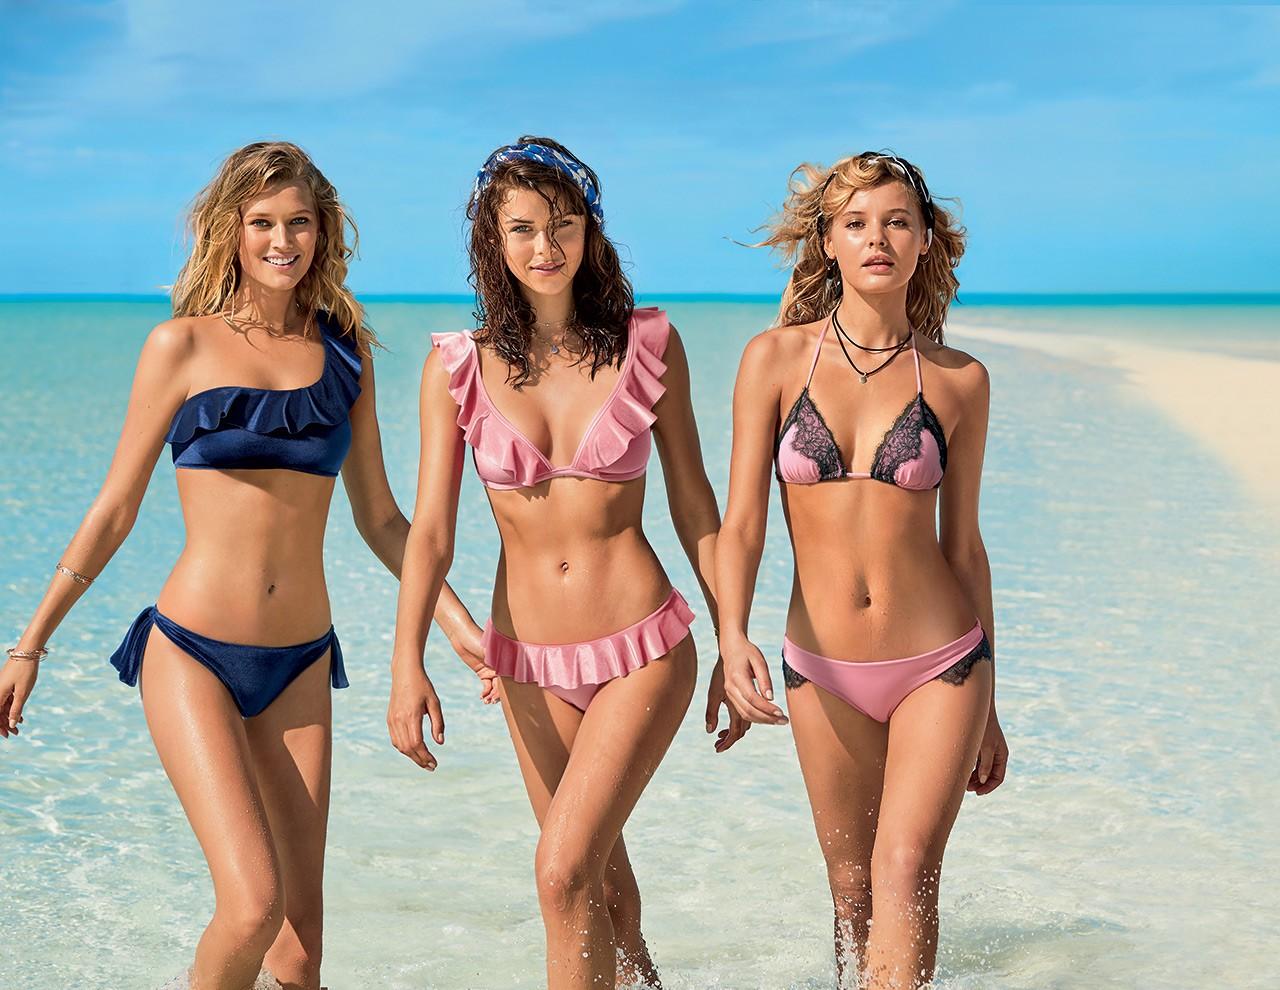 b7bae50f873 Θυμηθείτε, πως όσο πιο λίγο ύφασμα έχει το κάτω μέρος, τόσο πιο γεμάτο θα  φαίνεται. Αν είστε φαν των bikinis, τότε αγοράστε κάτι με κορδόνια στο κάτω  μέρος, ...